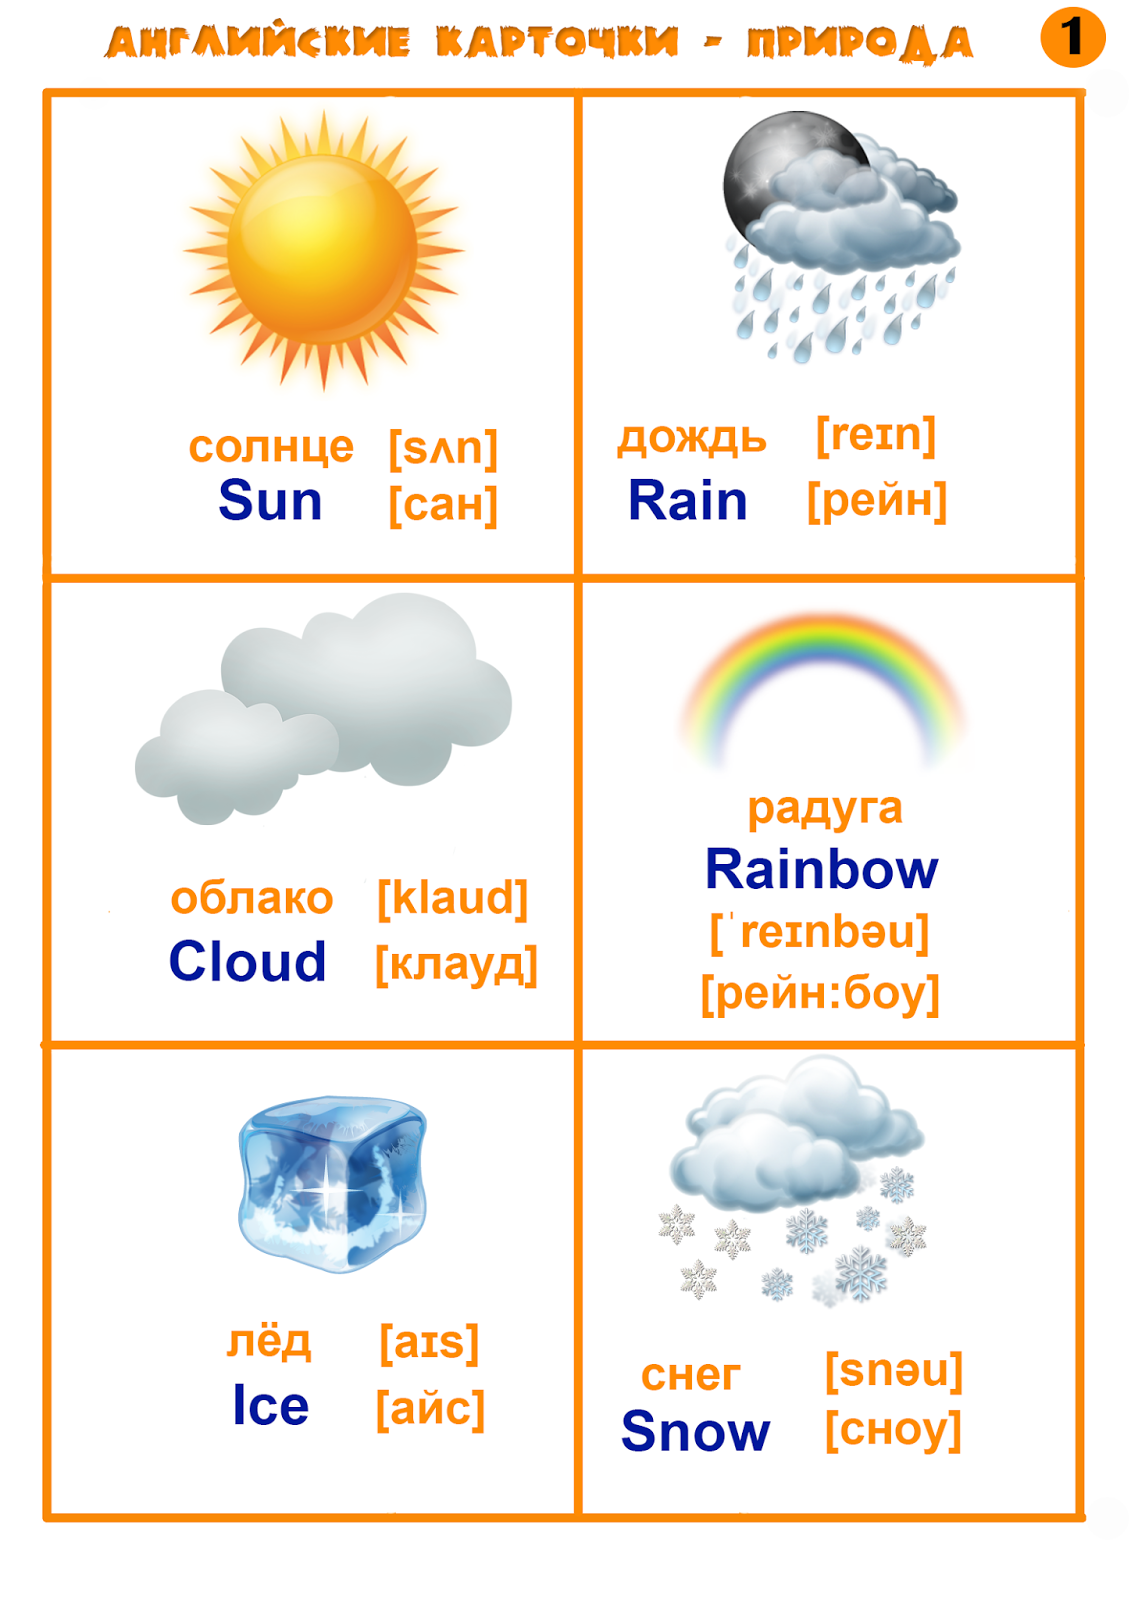 Погода на яндексе саргатское омская область